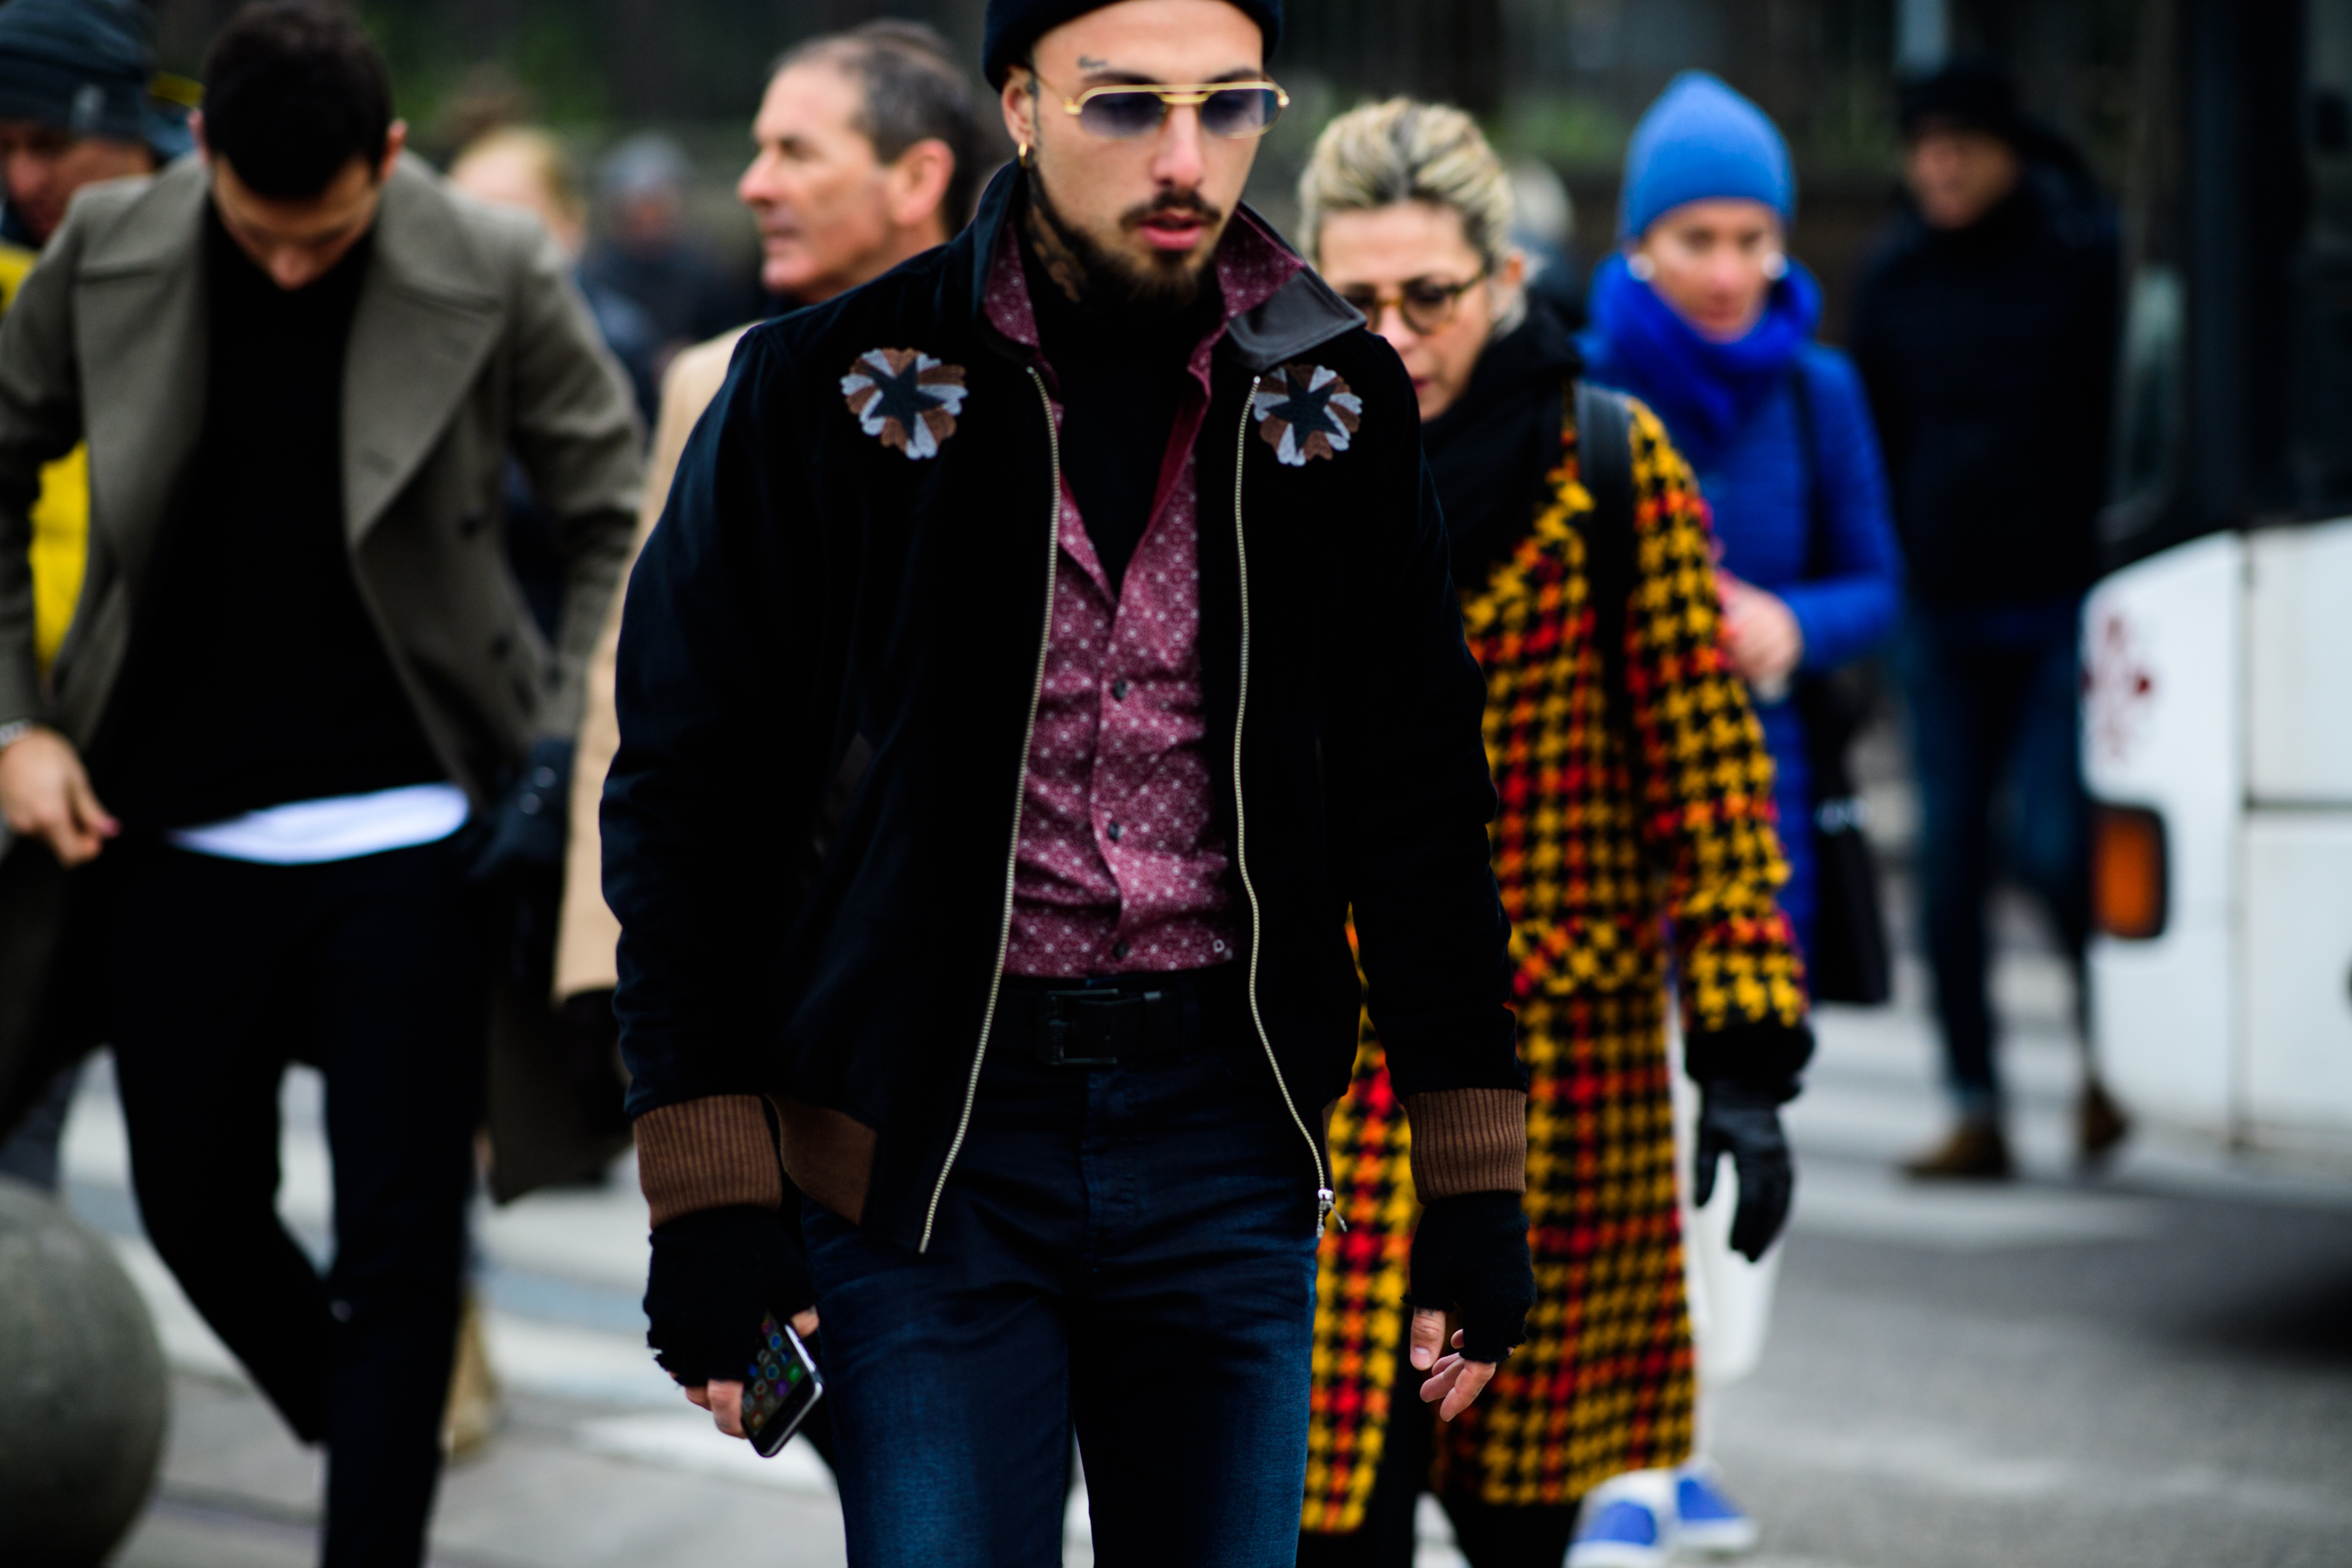 Pitti Uomo 91, street style, estilo de rua, florença, feira de moda, moda masculina, blog de moda masculina, alex cursino, menswear, dicas de moda, como ser estiloso, (5)